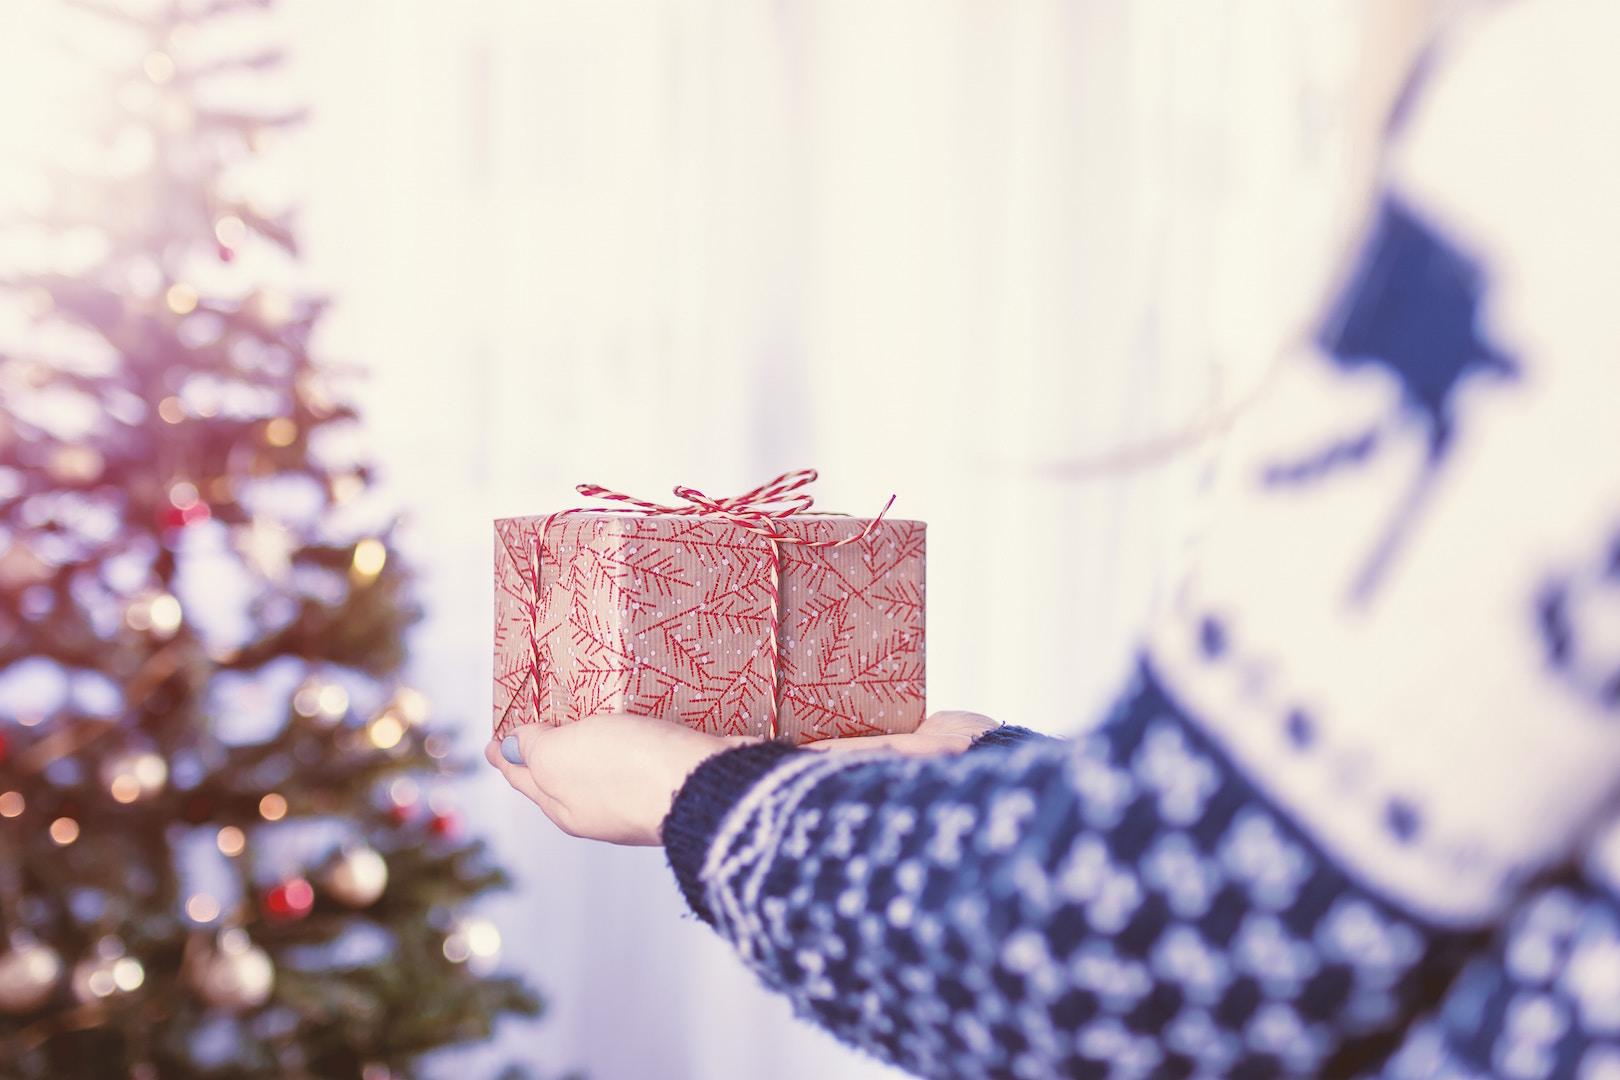 Fröhliche Weihnacht überall!